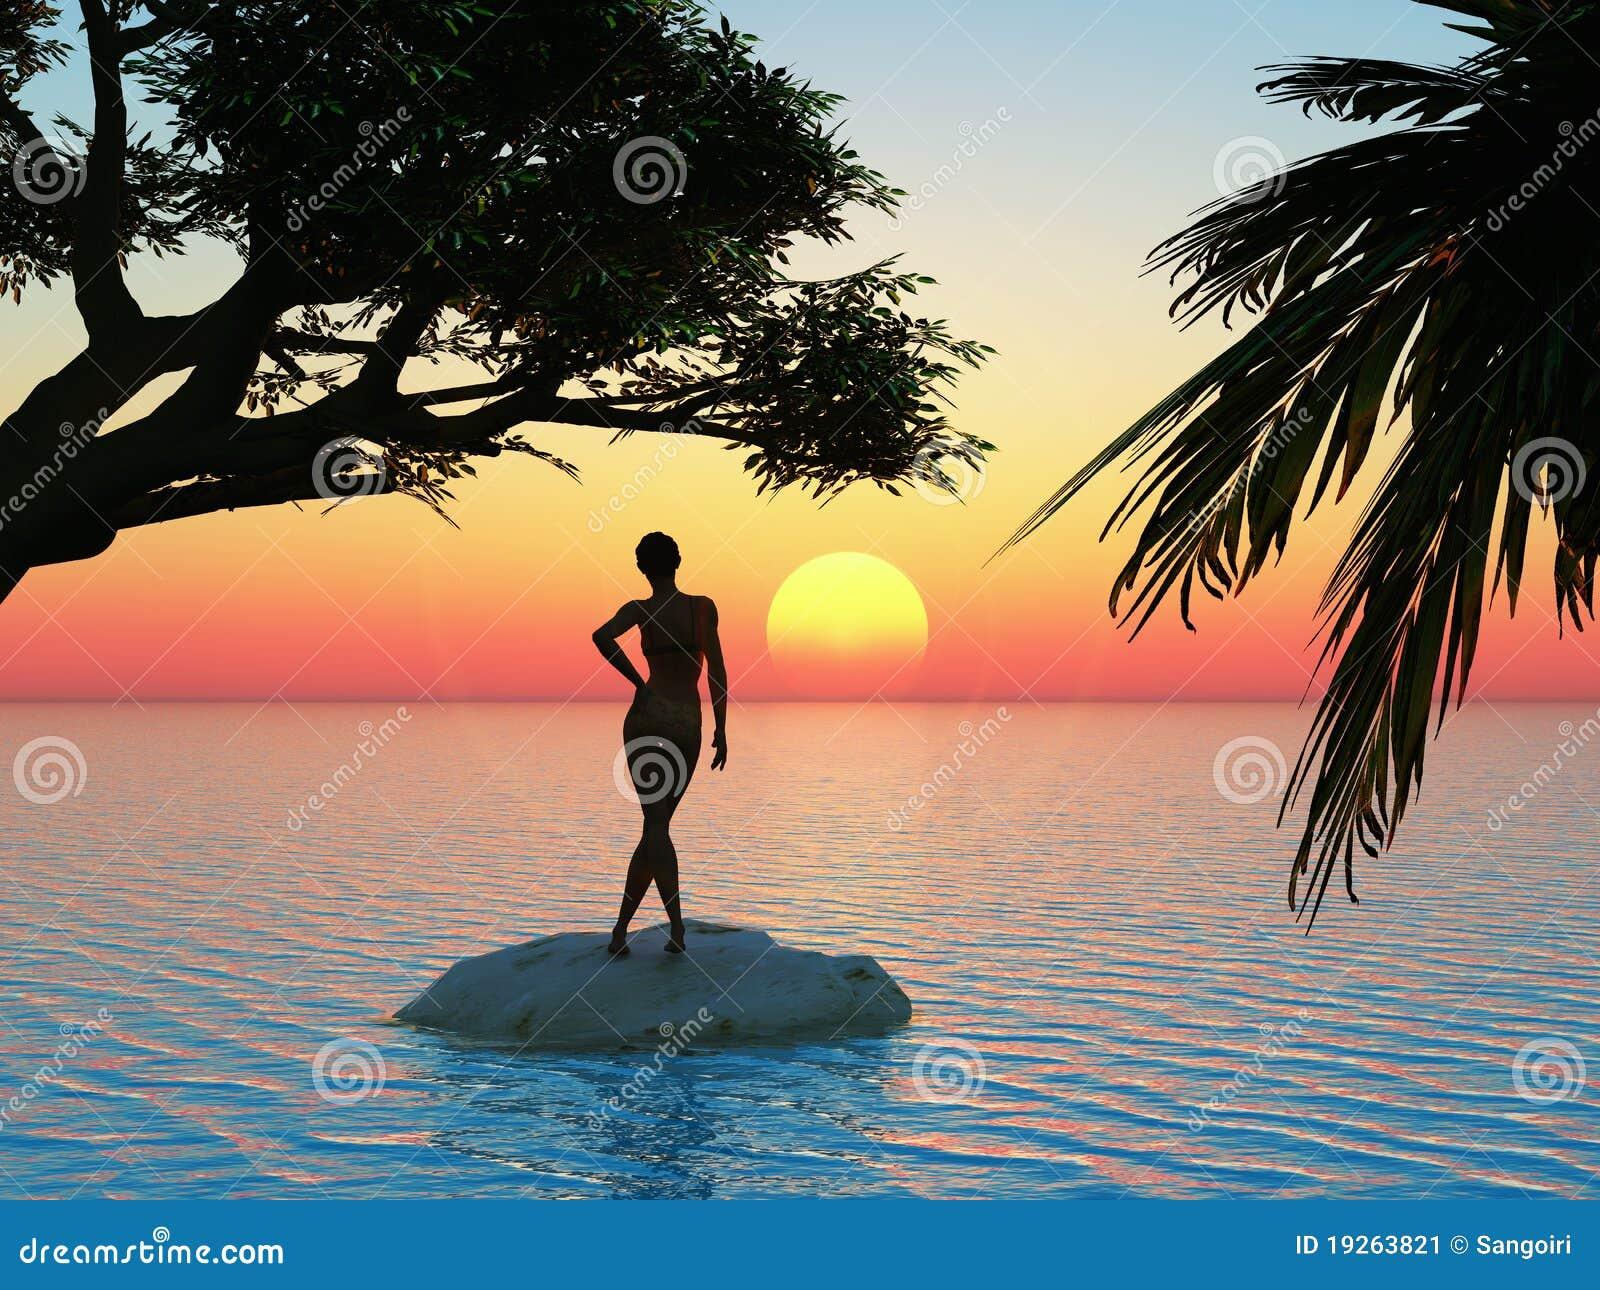 Enjoying the sunrise - 1 4